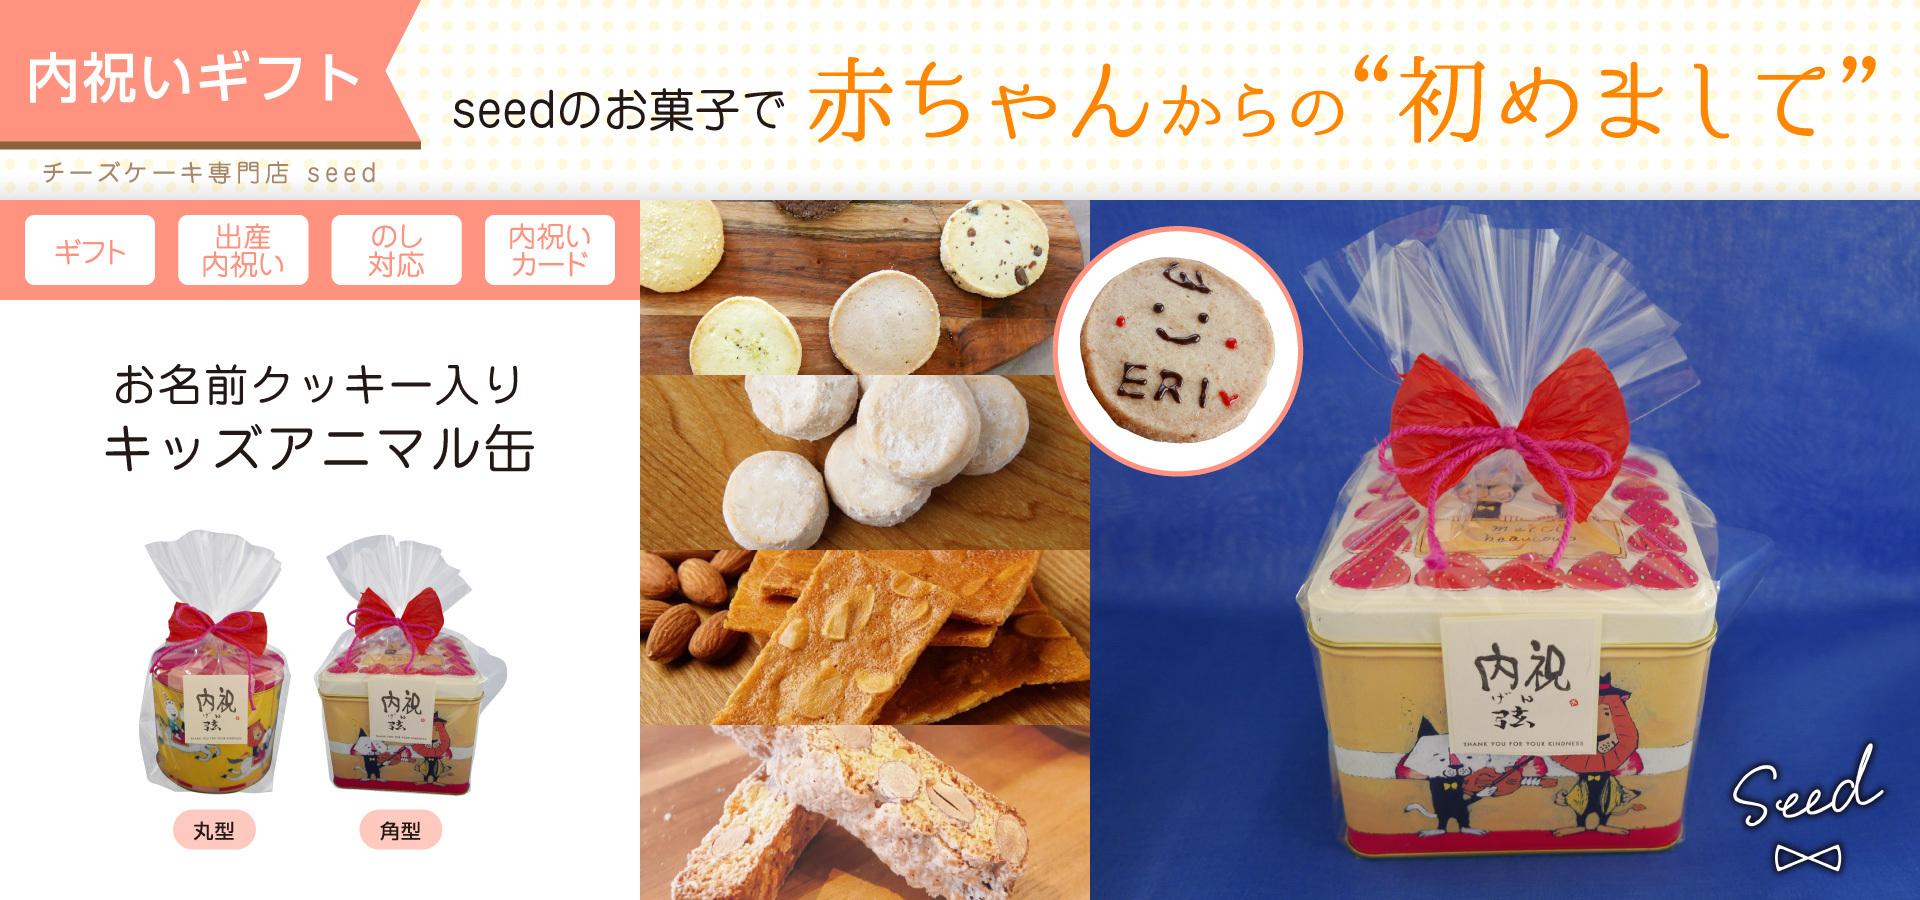 【内祝い】お名前クッキー入り キッズアニマル缶